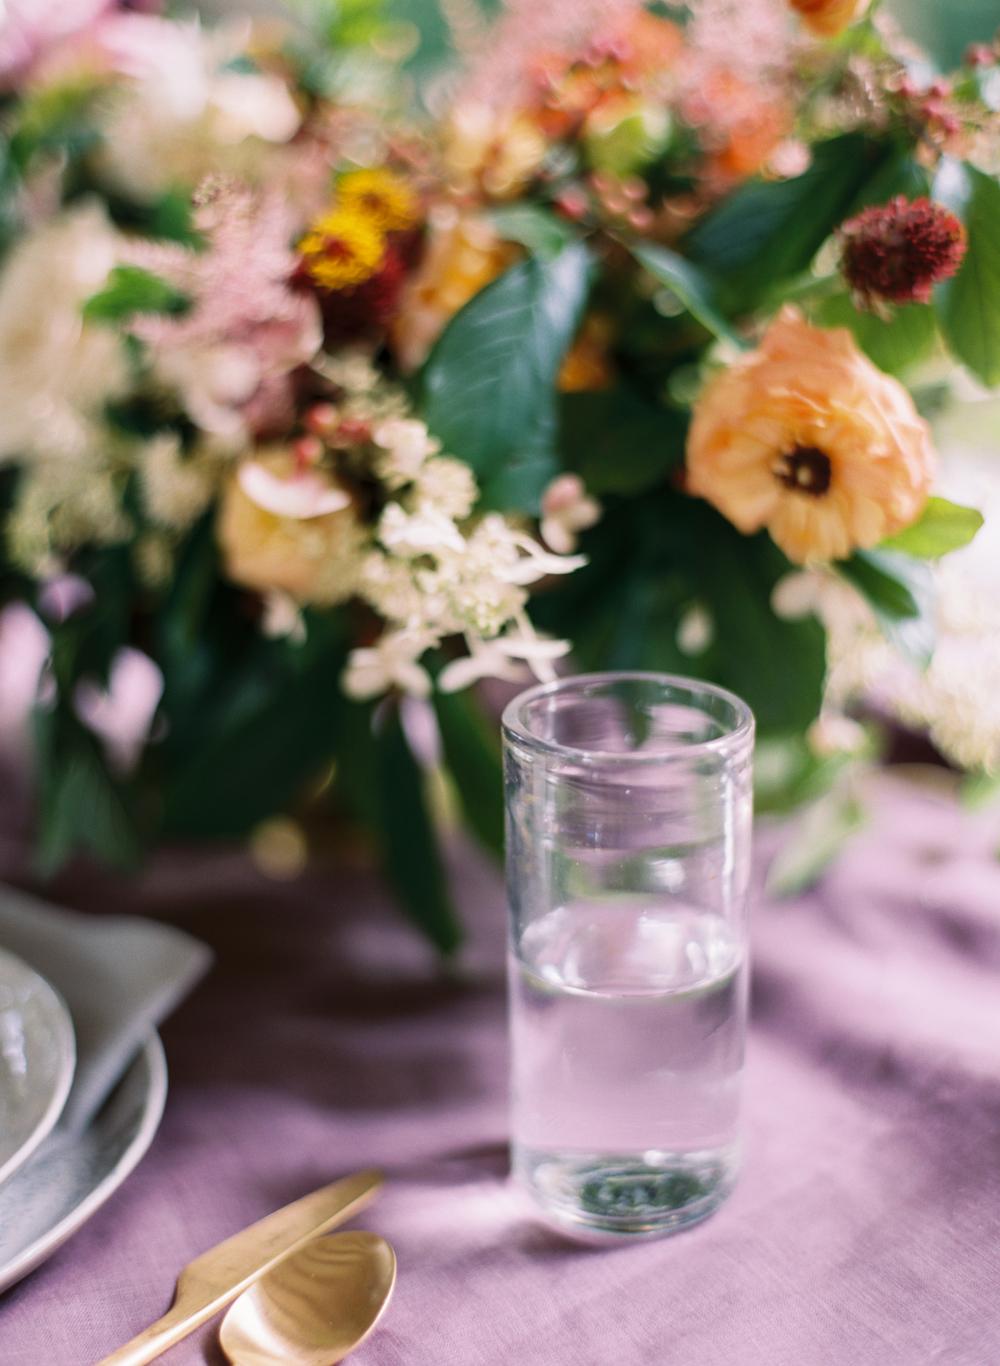 ginny au elisa bricker wedding ideas